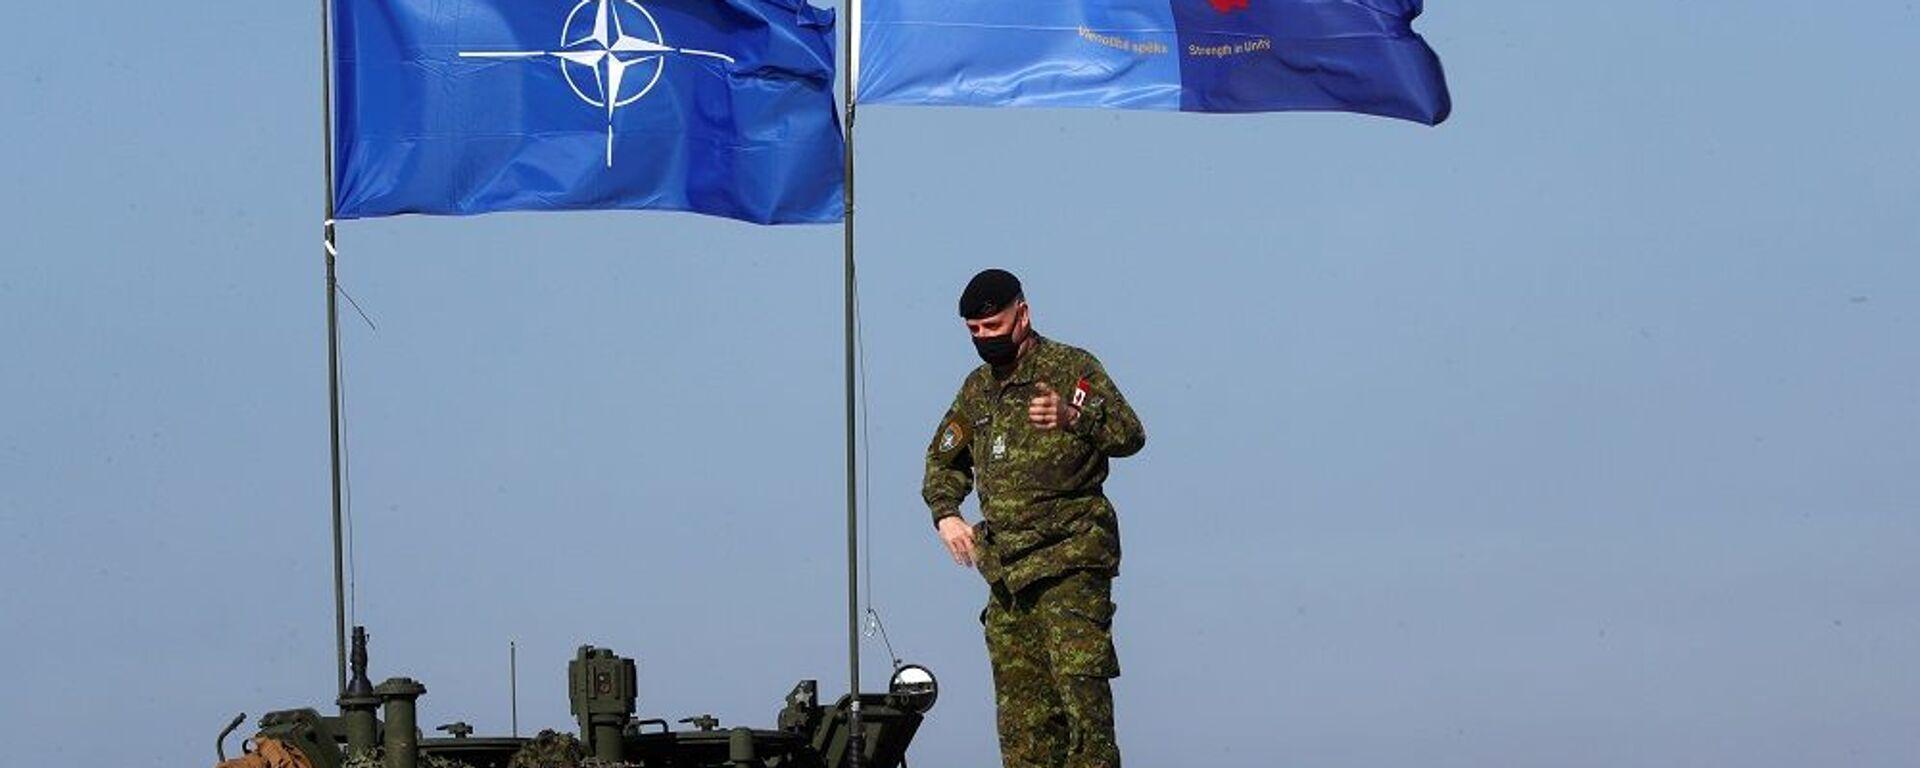 Военные учения боевой группы передового присутствия НАТО Хрустальная стрела-2021 в Адажи - Sputnik Таджикистан, 1920, 21.05.2021